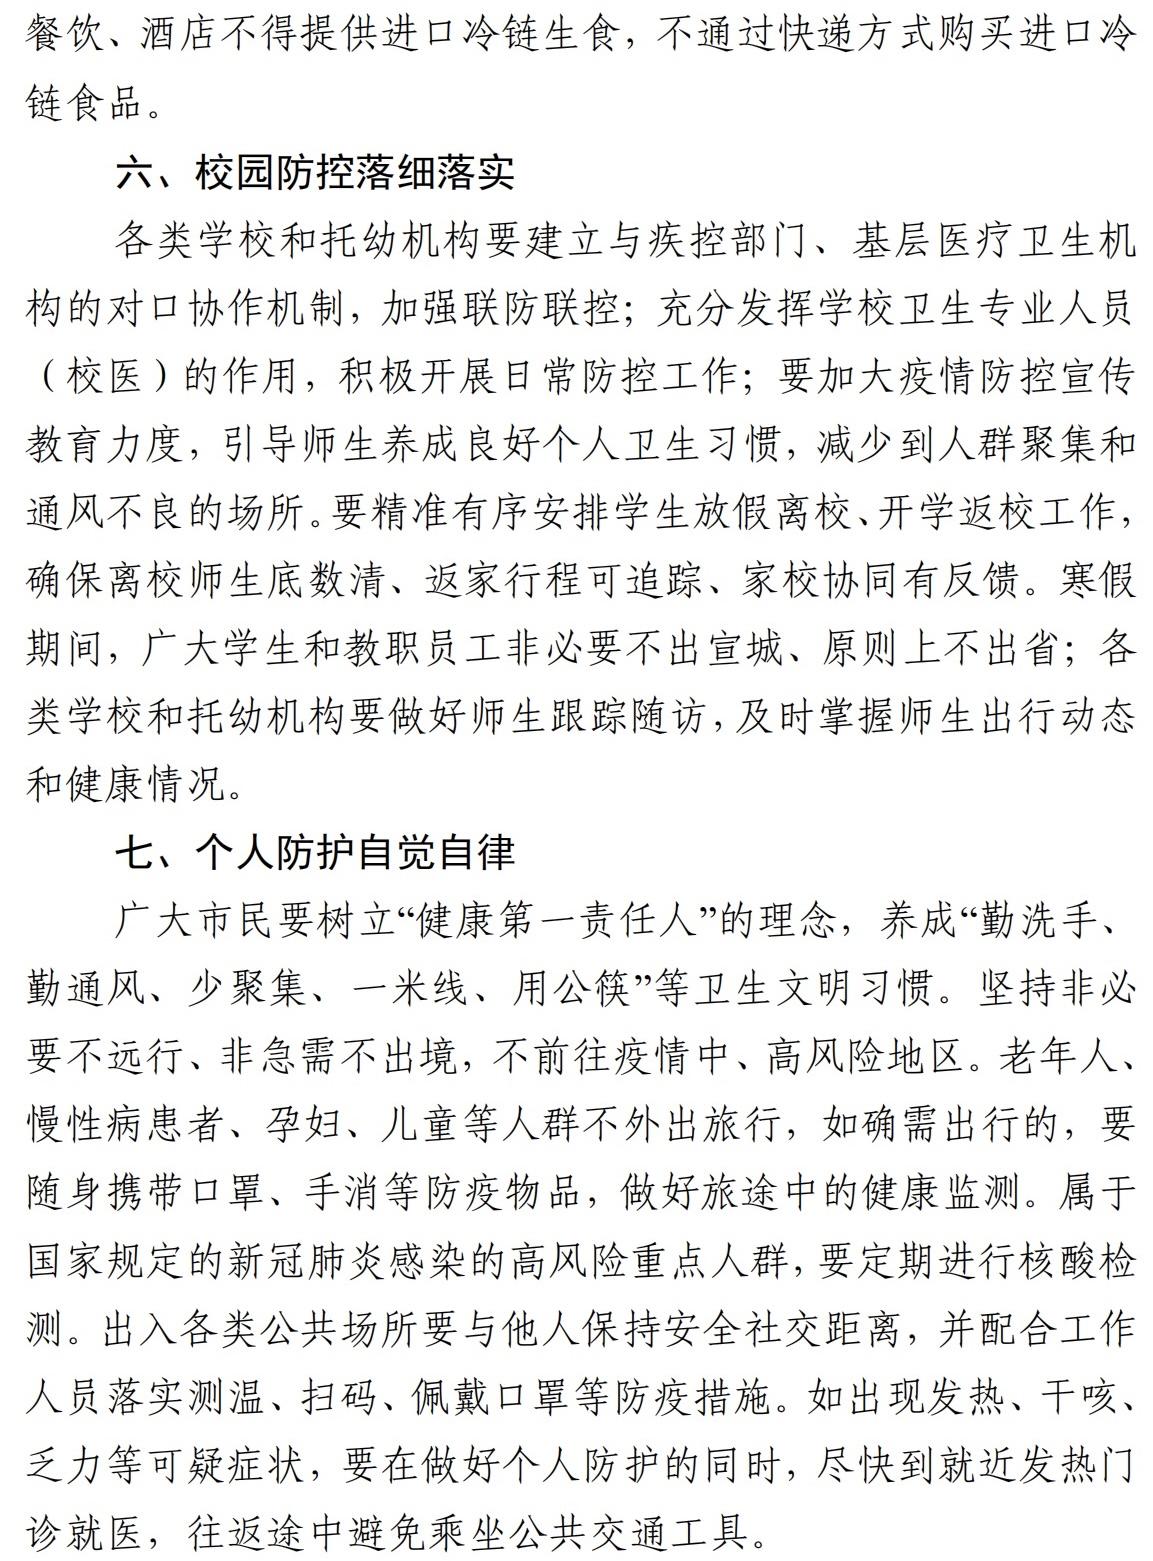 关于春节期间新冠疫情防控工作的通告 - 宁国论坛 - 4.jpg